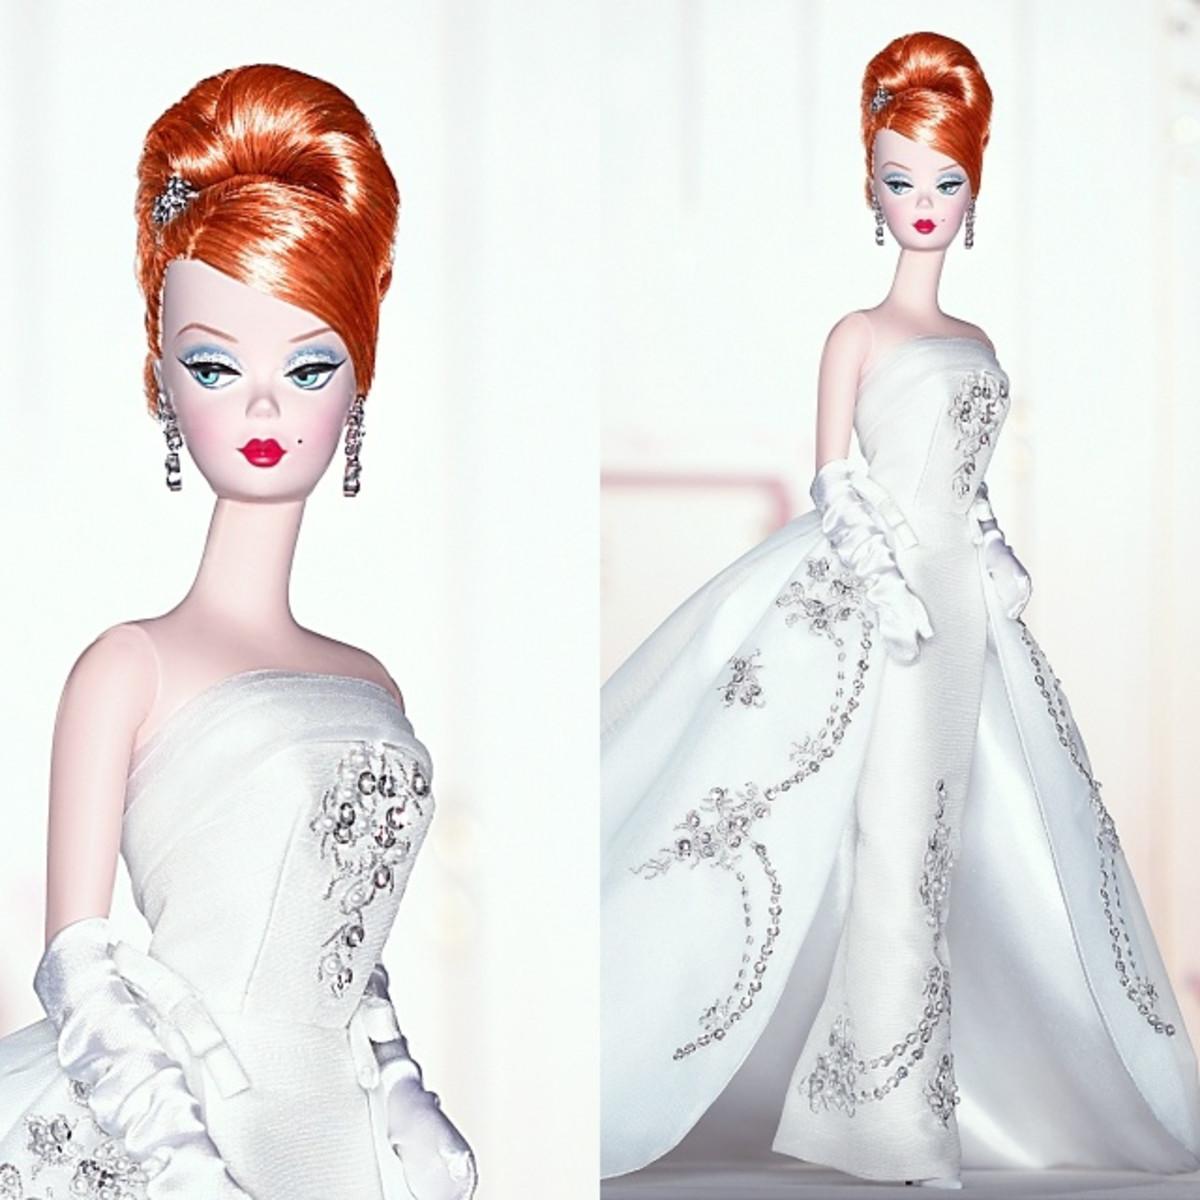 redhead Bridal Barbie doll in white elegant wedding dress